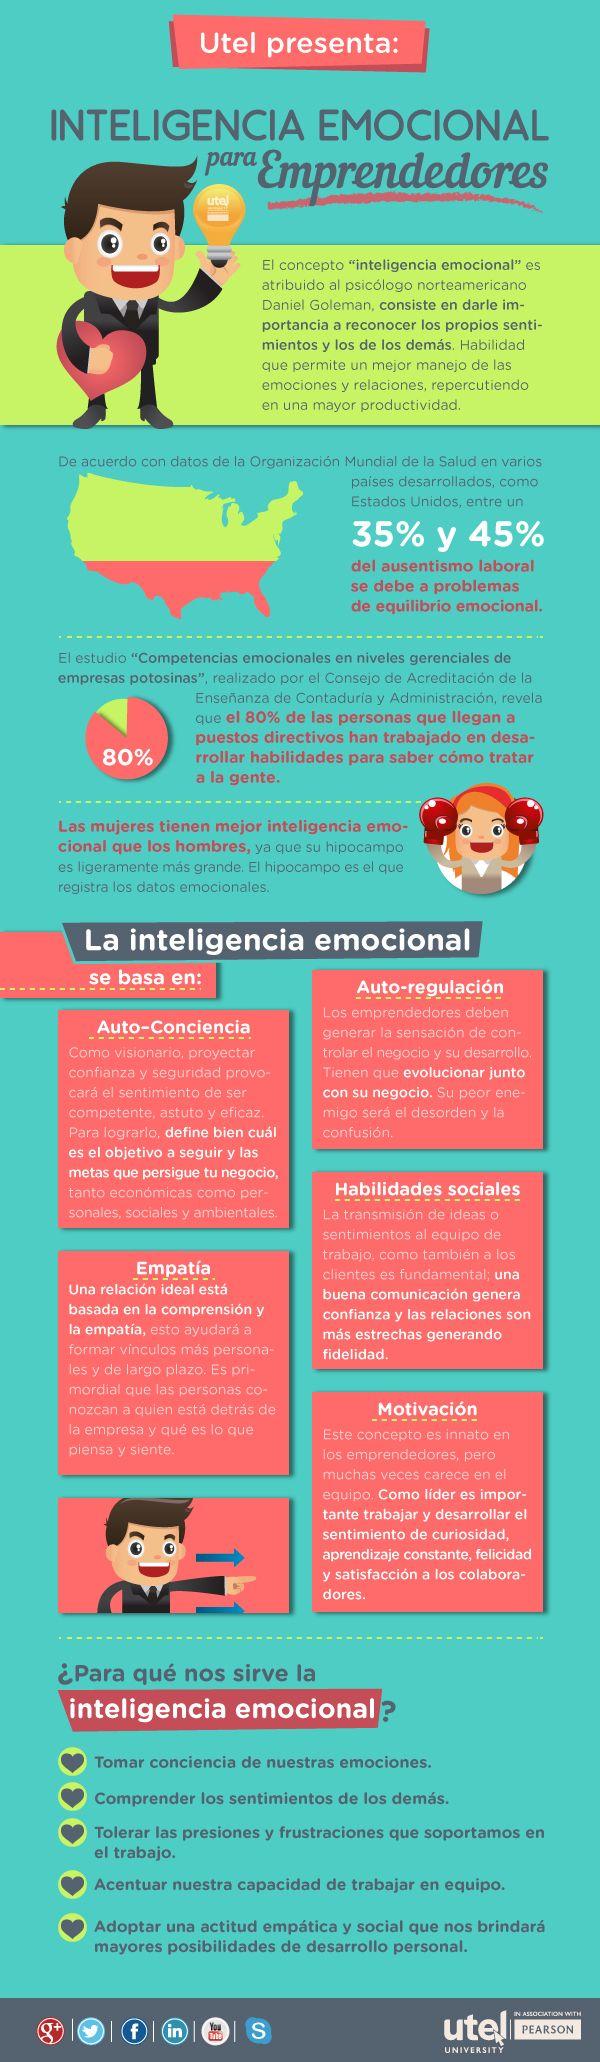 Inteligencia emocional para emprendedores #infografia #infographic #entrepreneurship